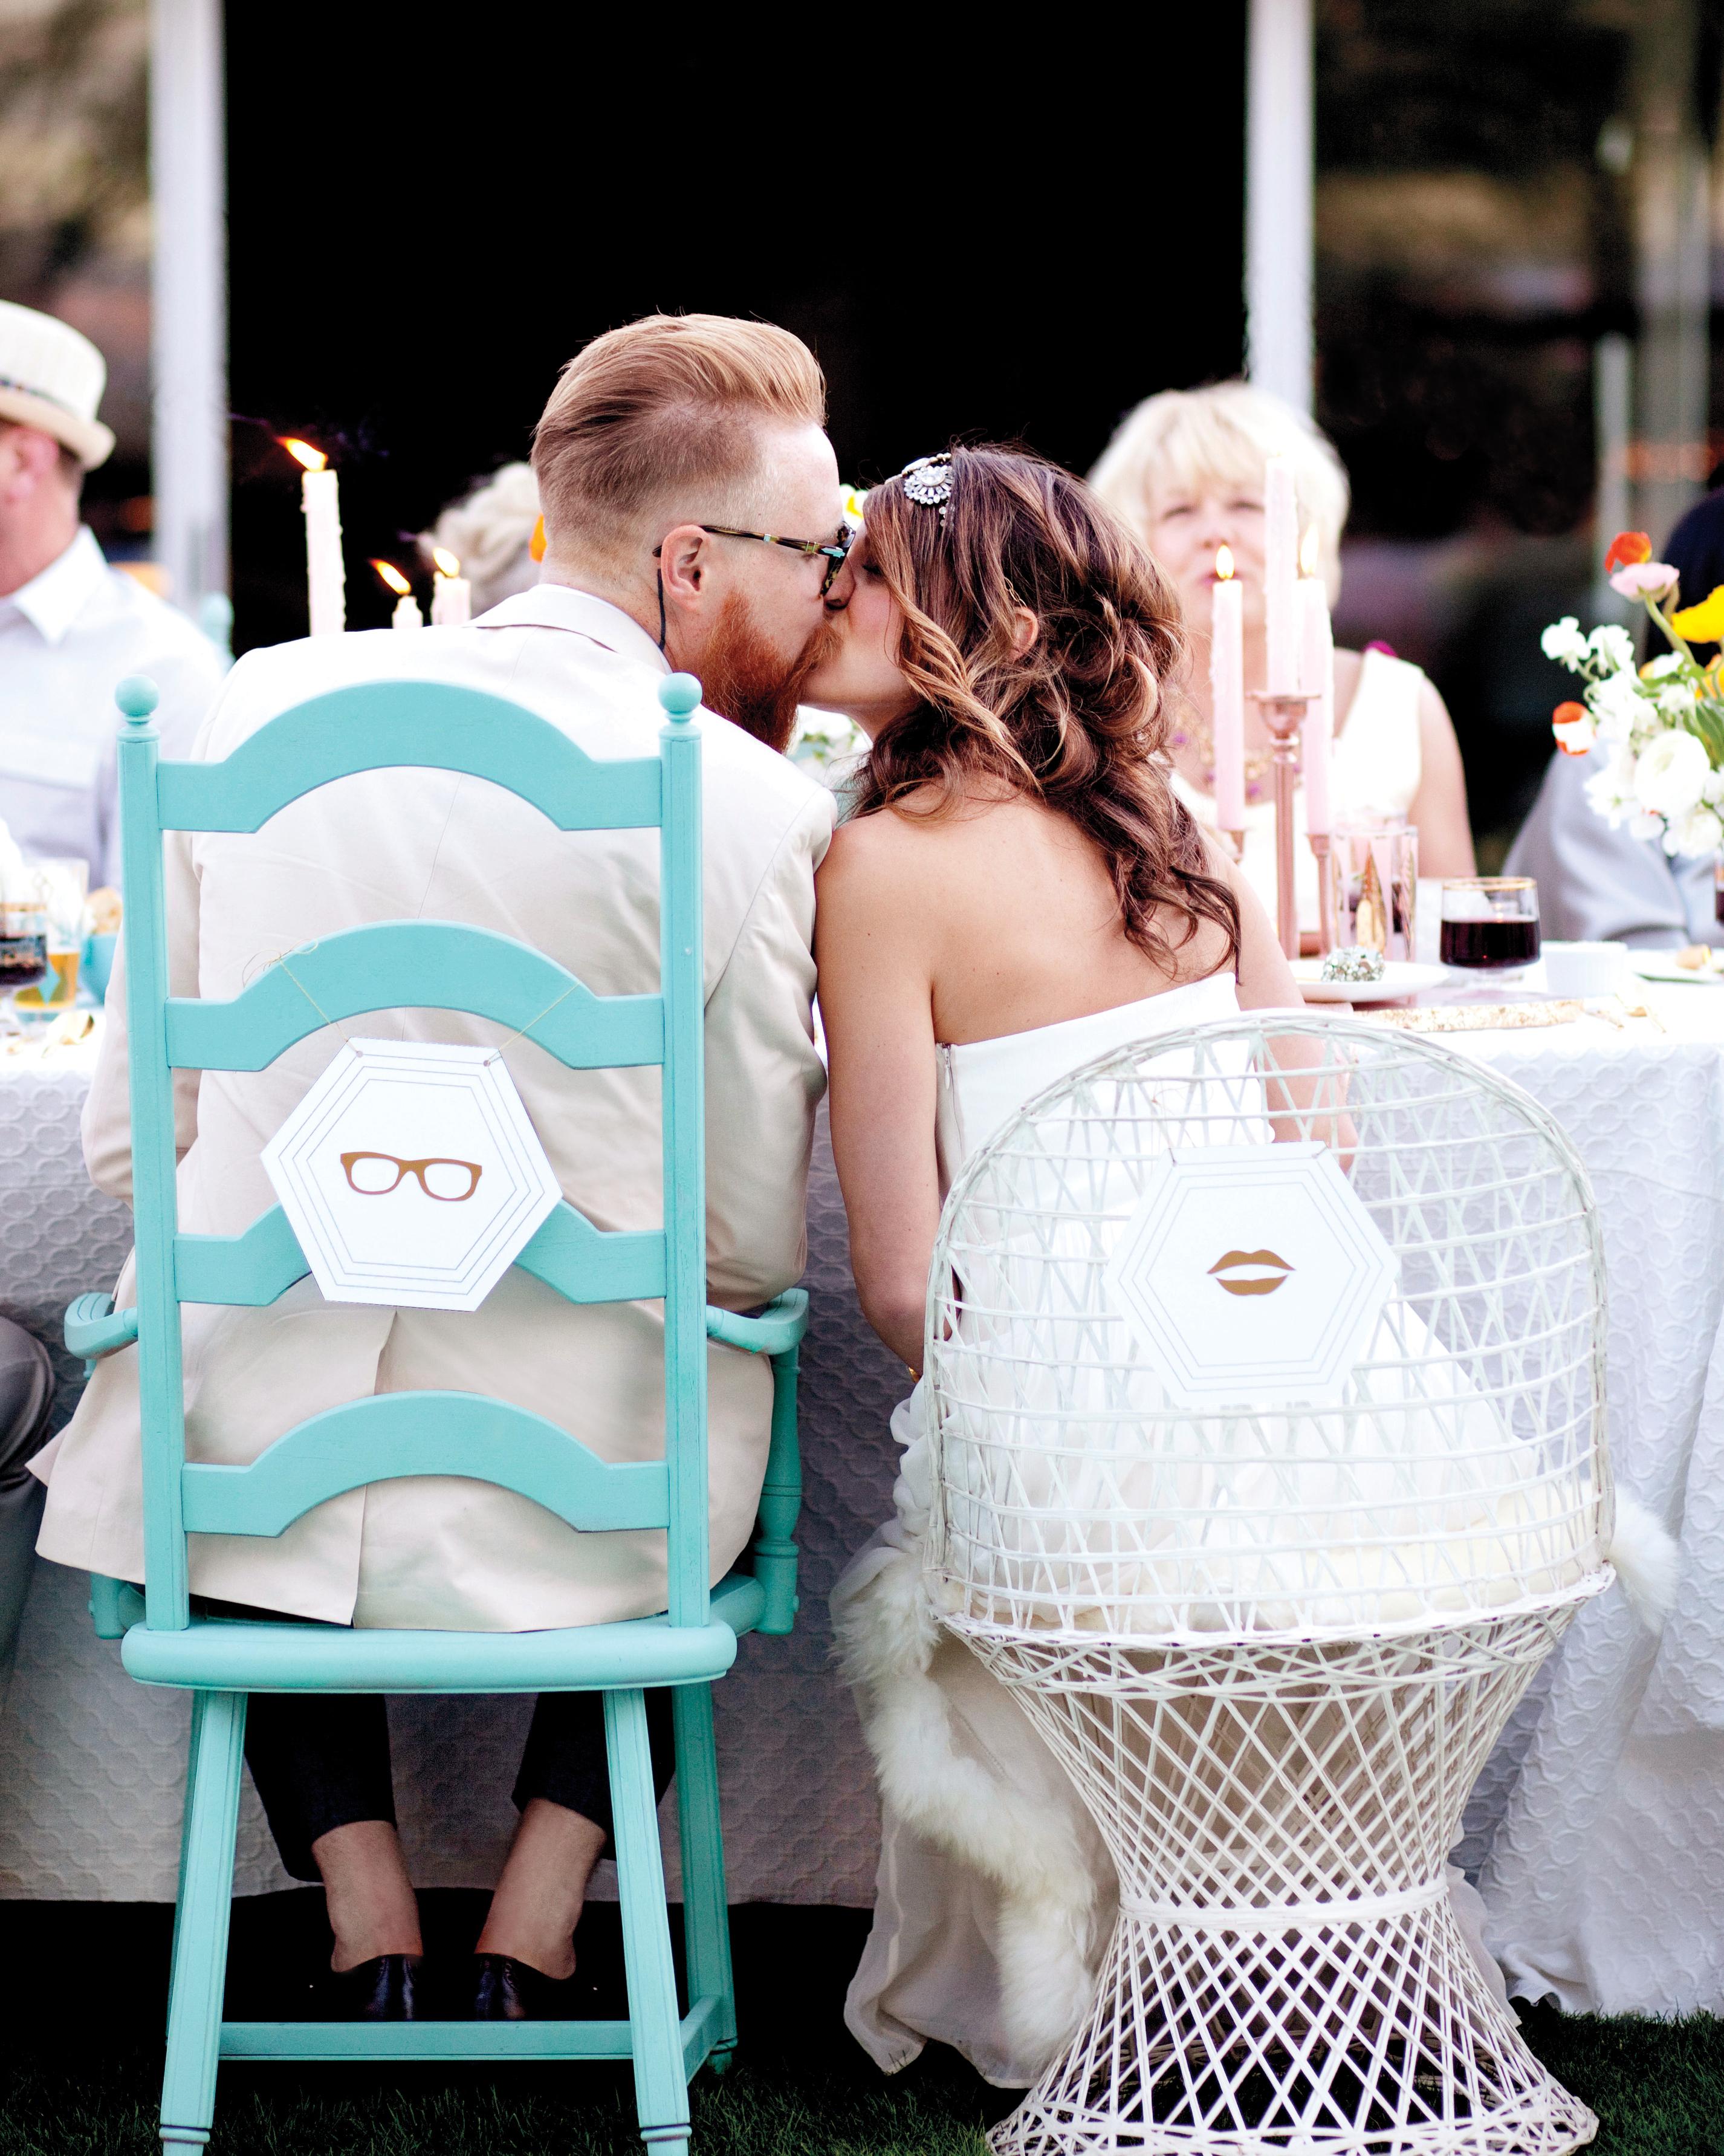 edyta-jared-wedding-703-d110939.jpg